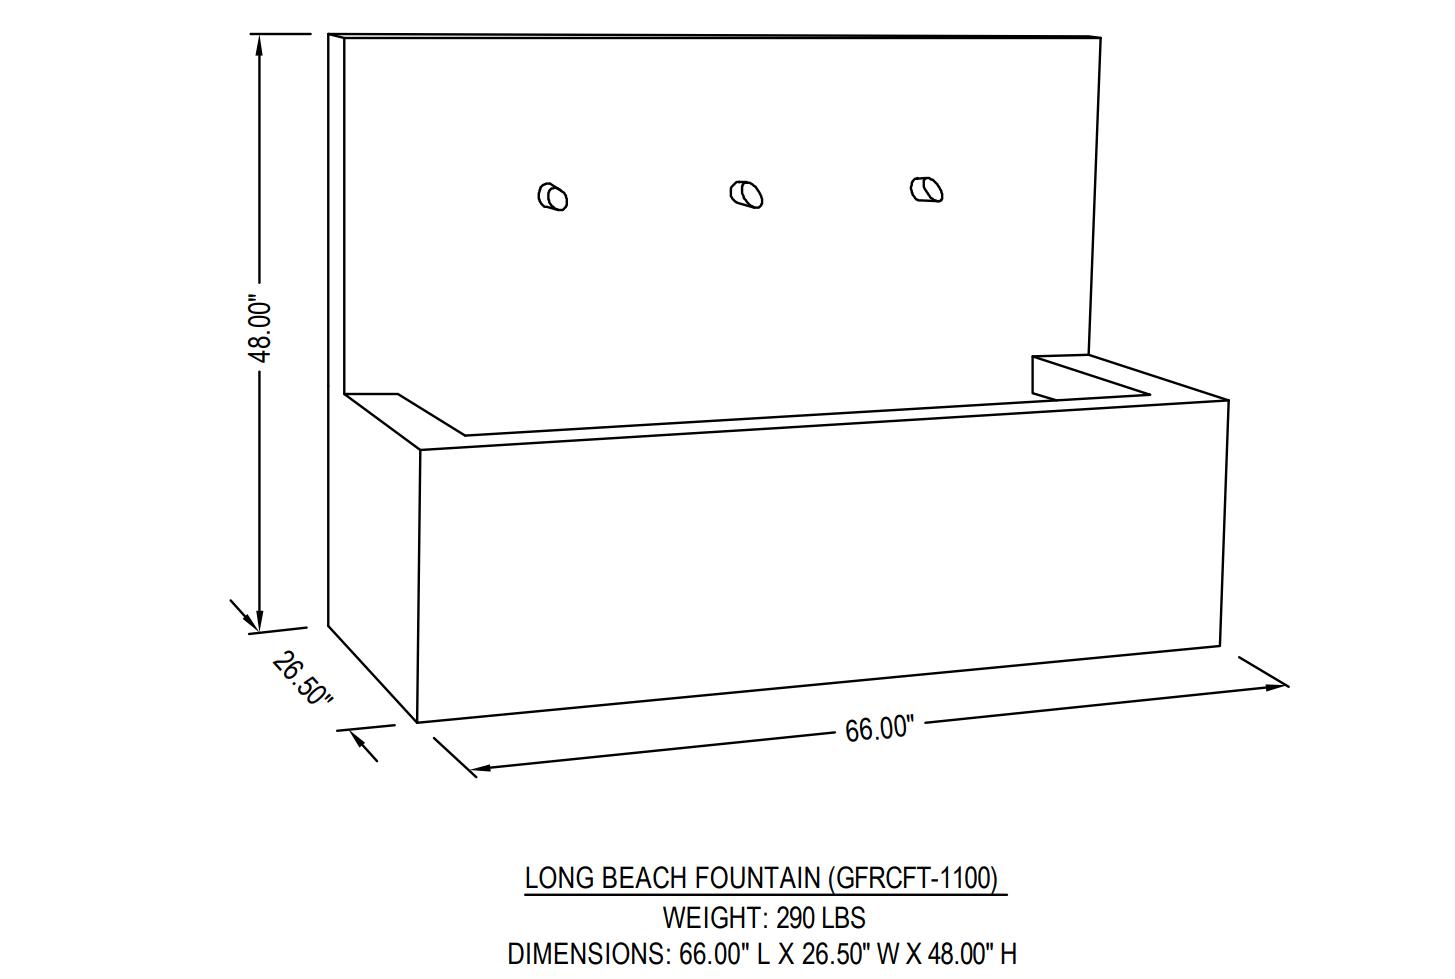 long-beach-fountain-dimensions